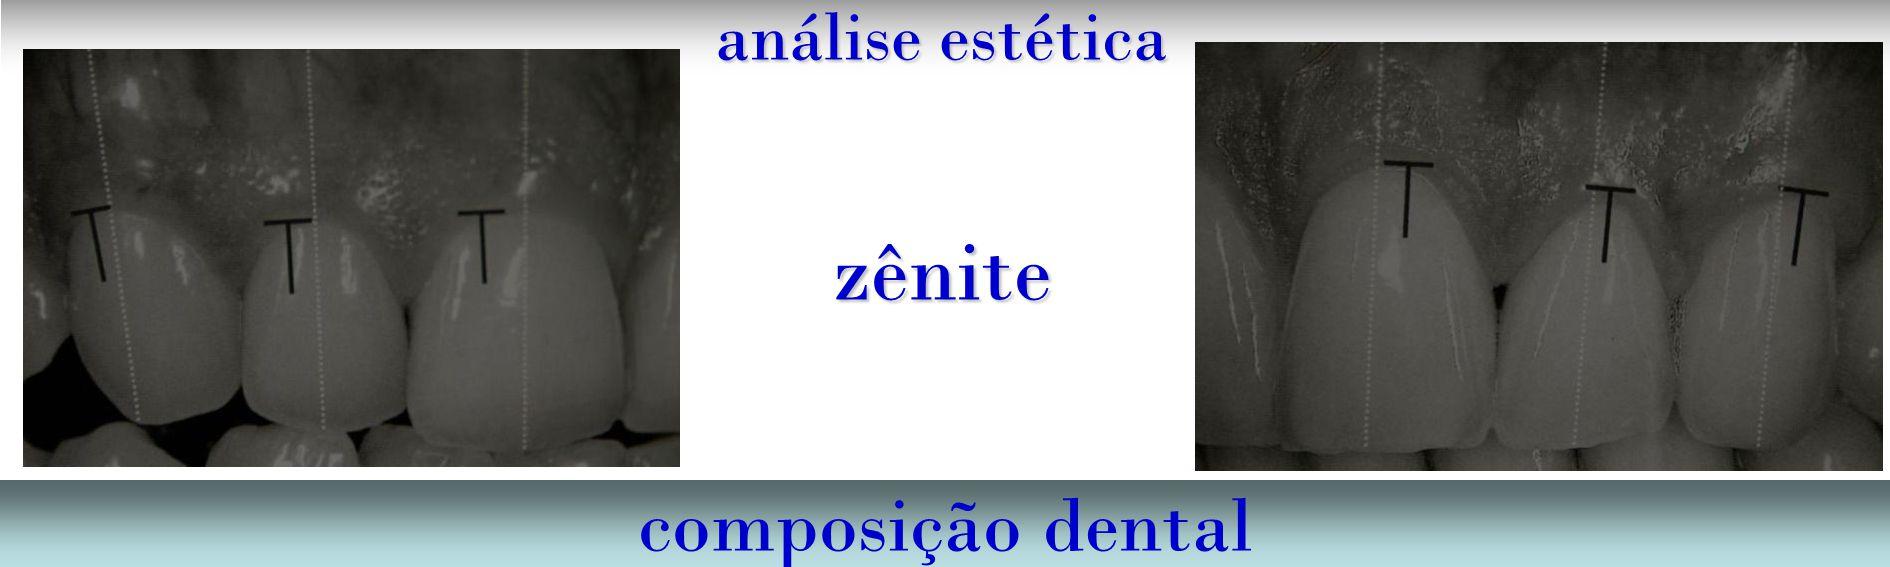 análise estética zênite composição dental